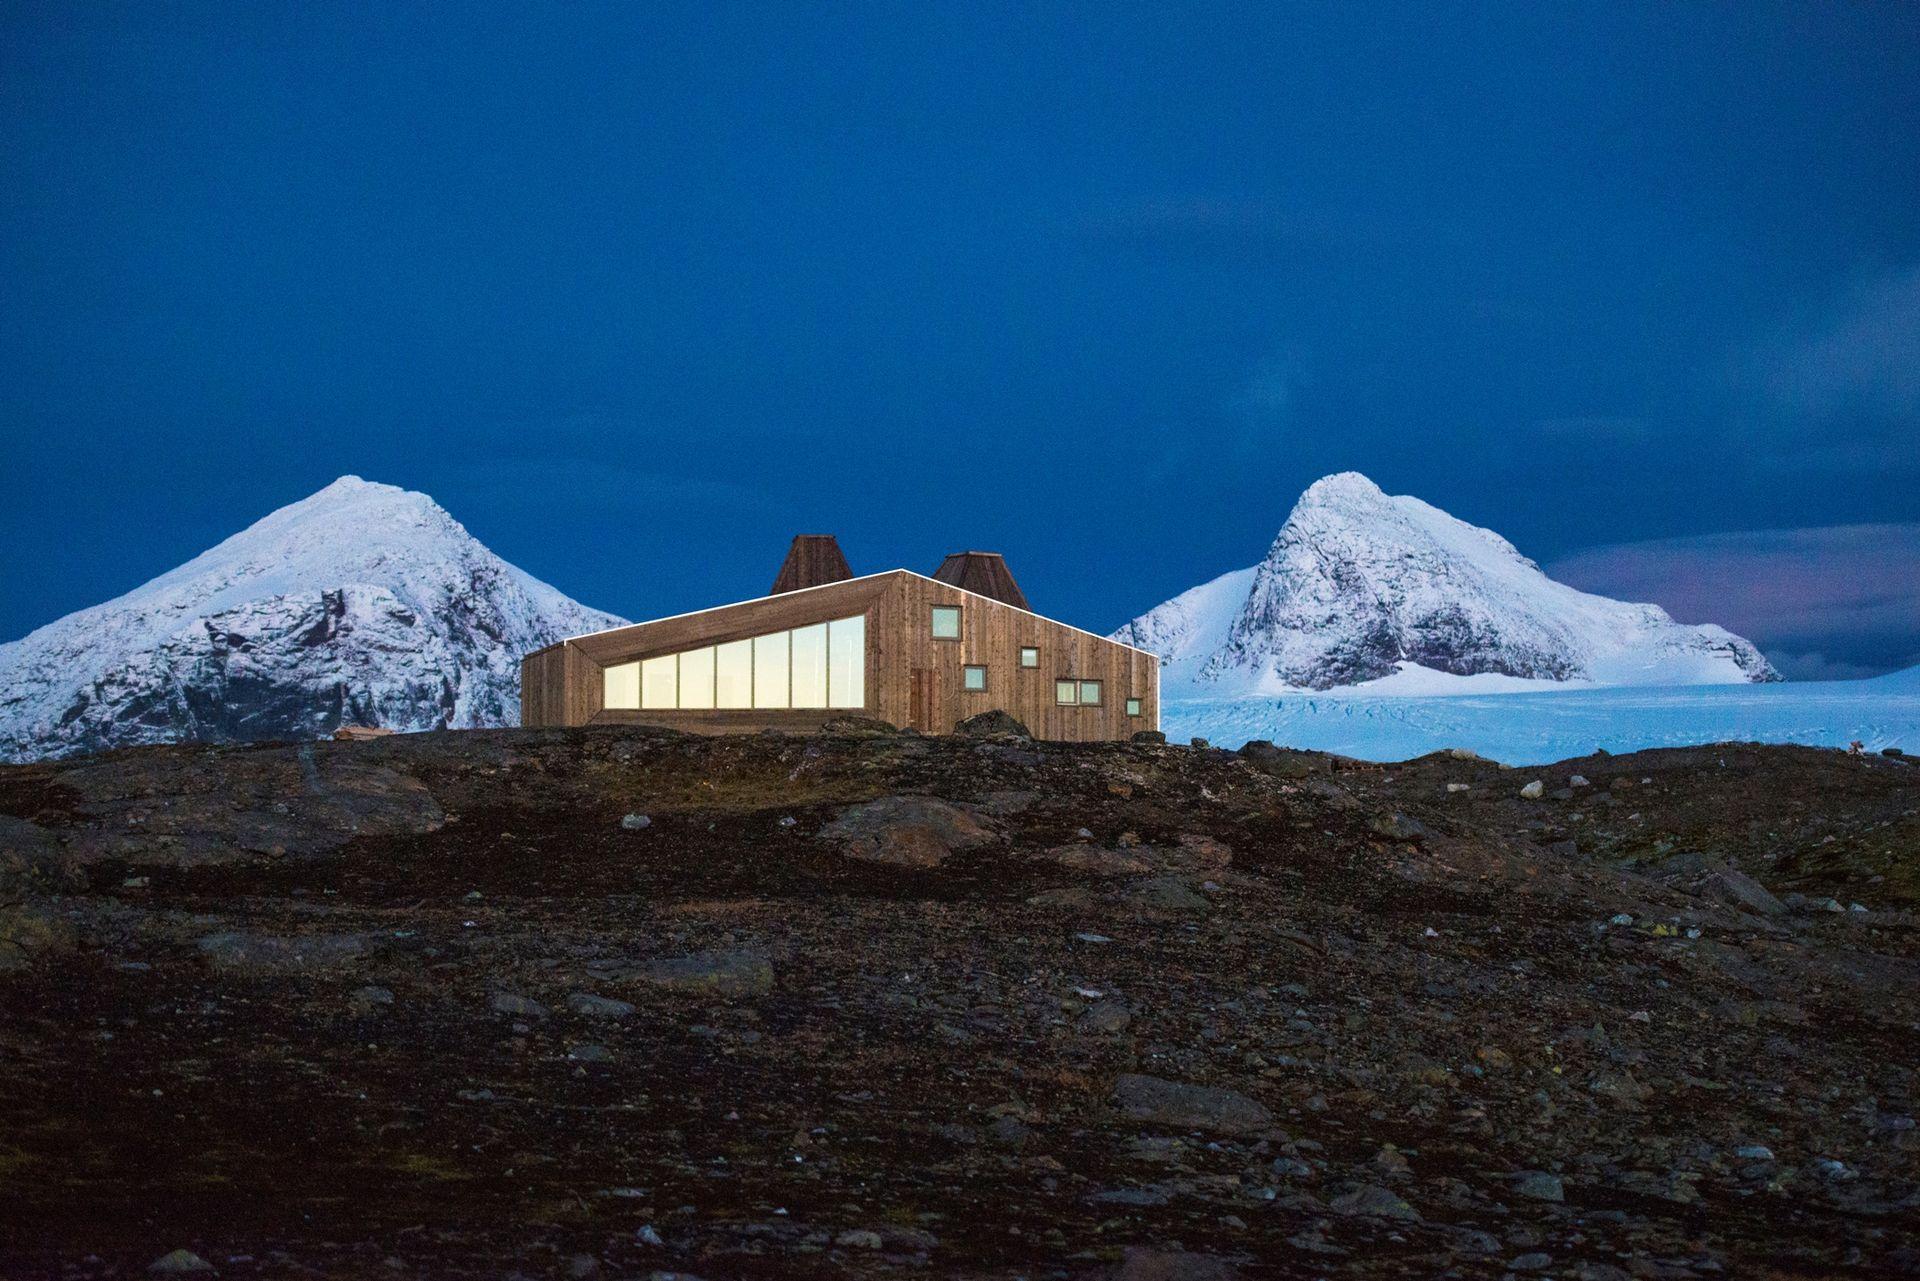 Rabothytta ligger på 1200 meters høyde i Okstindan (c) Svein Arne Brygfjeld